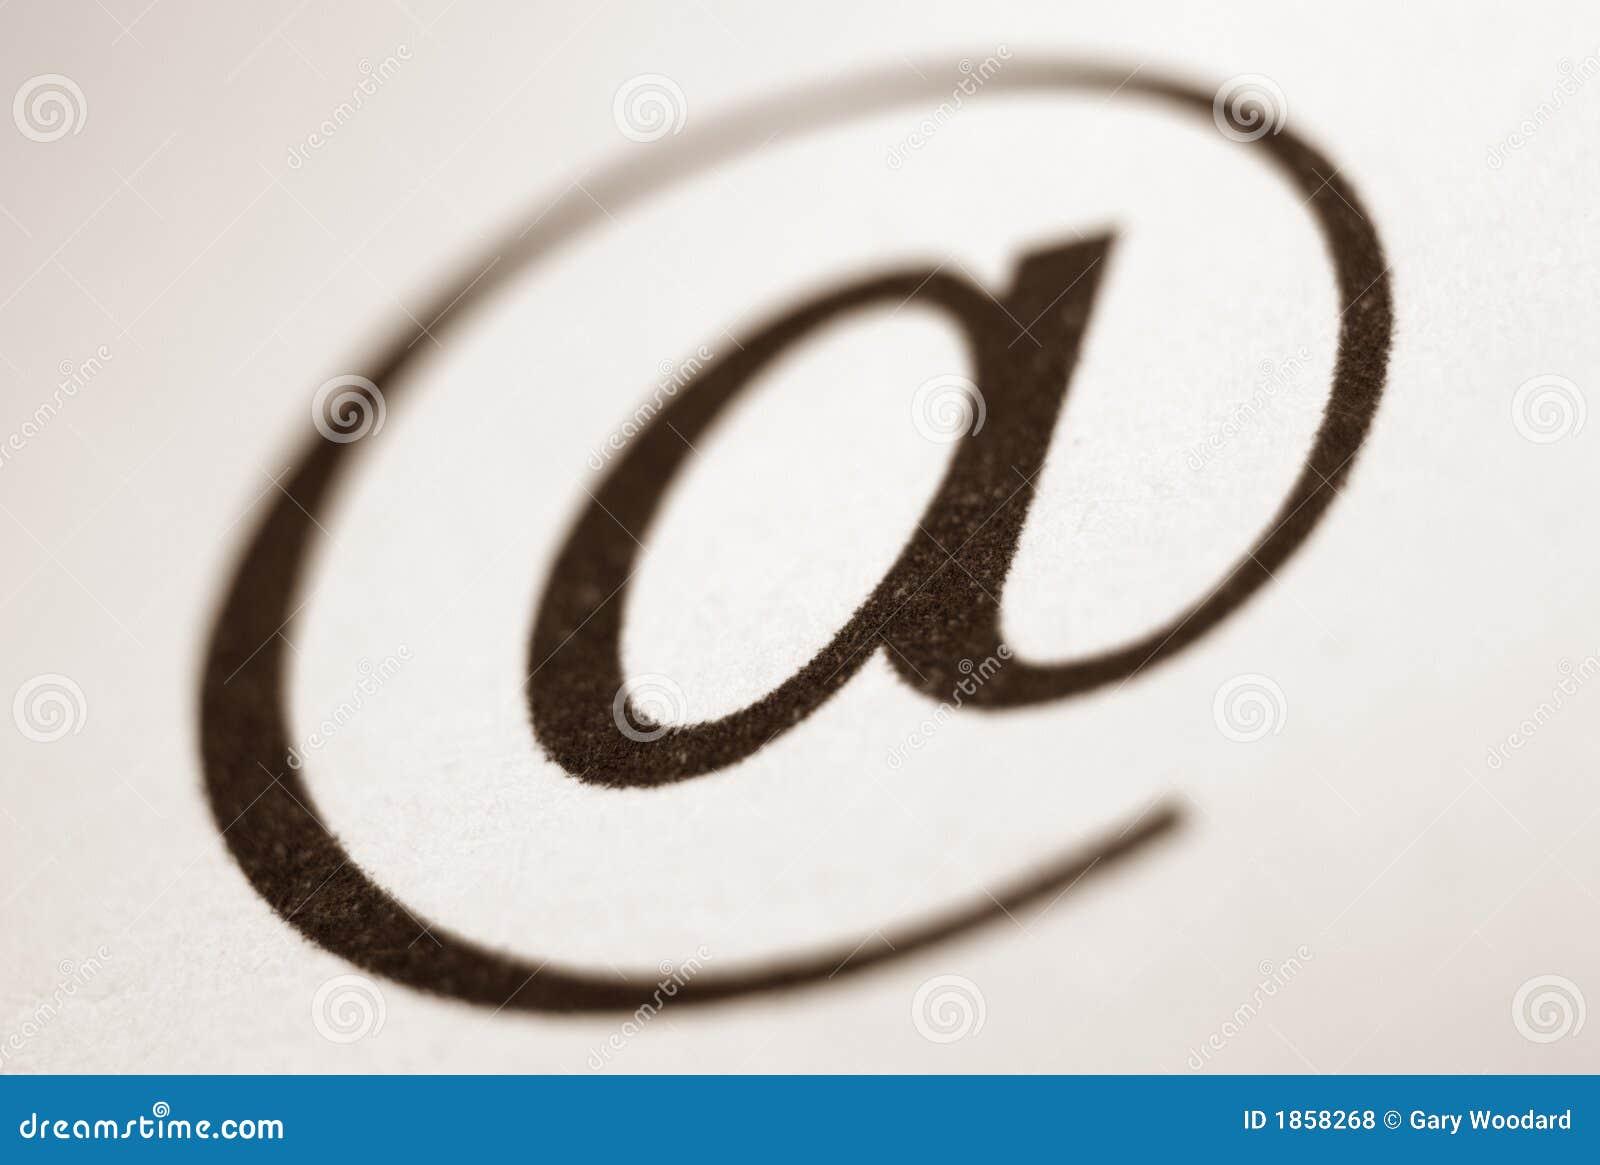 Símbolo del email.